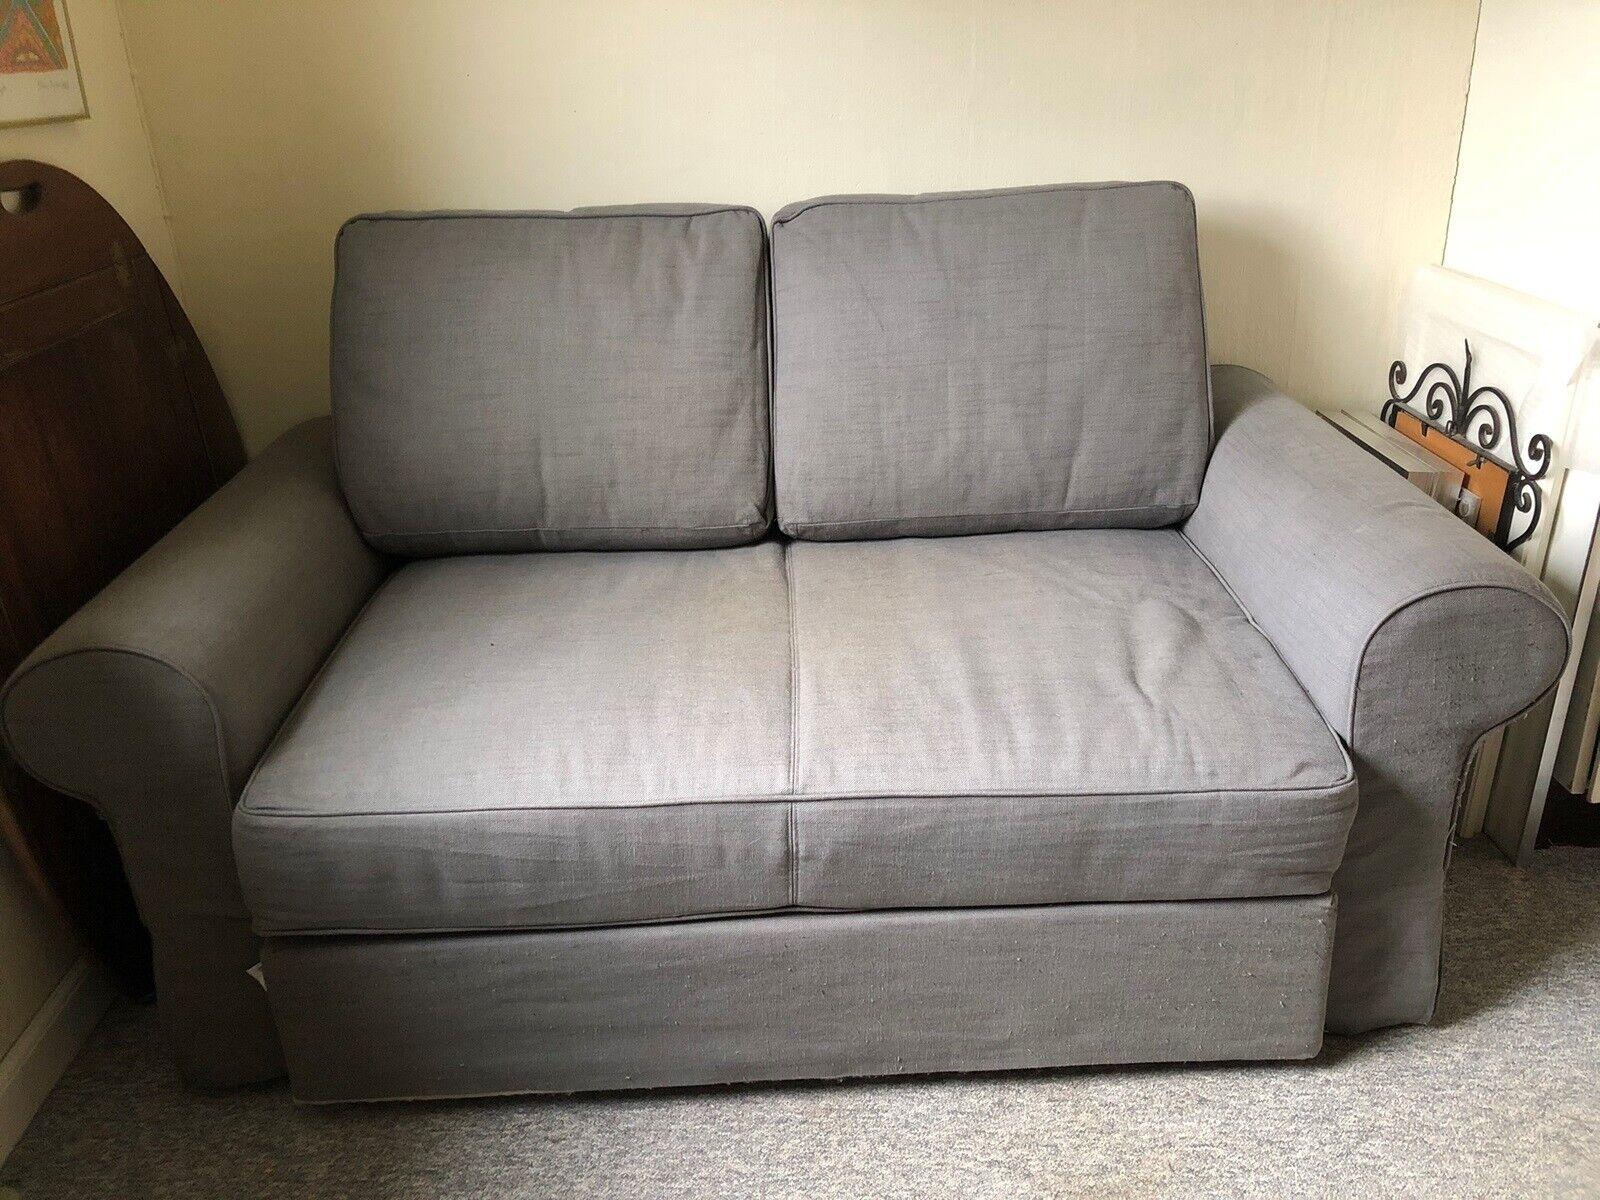 Picture of: Sovesofa Ikea B 90 L 169 Ndash Dba Dk Ndash Kob Og Salg Af Nyt Og Brugt